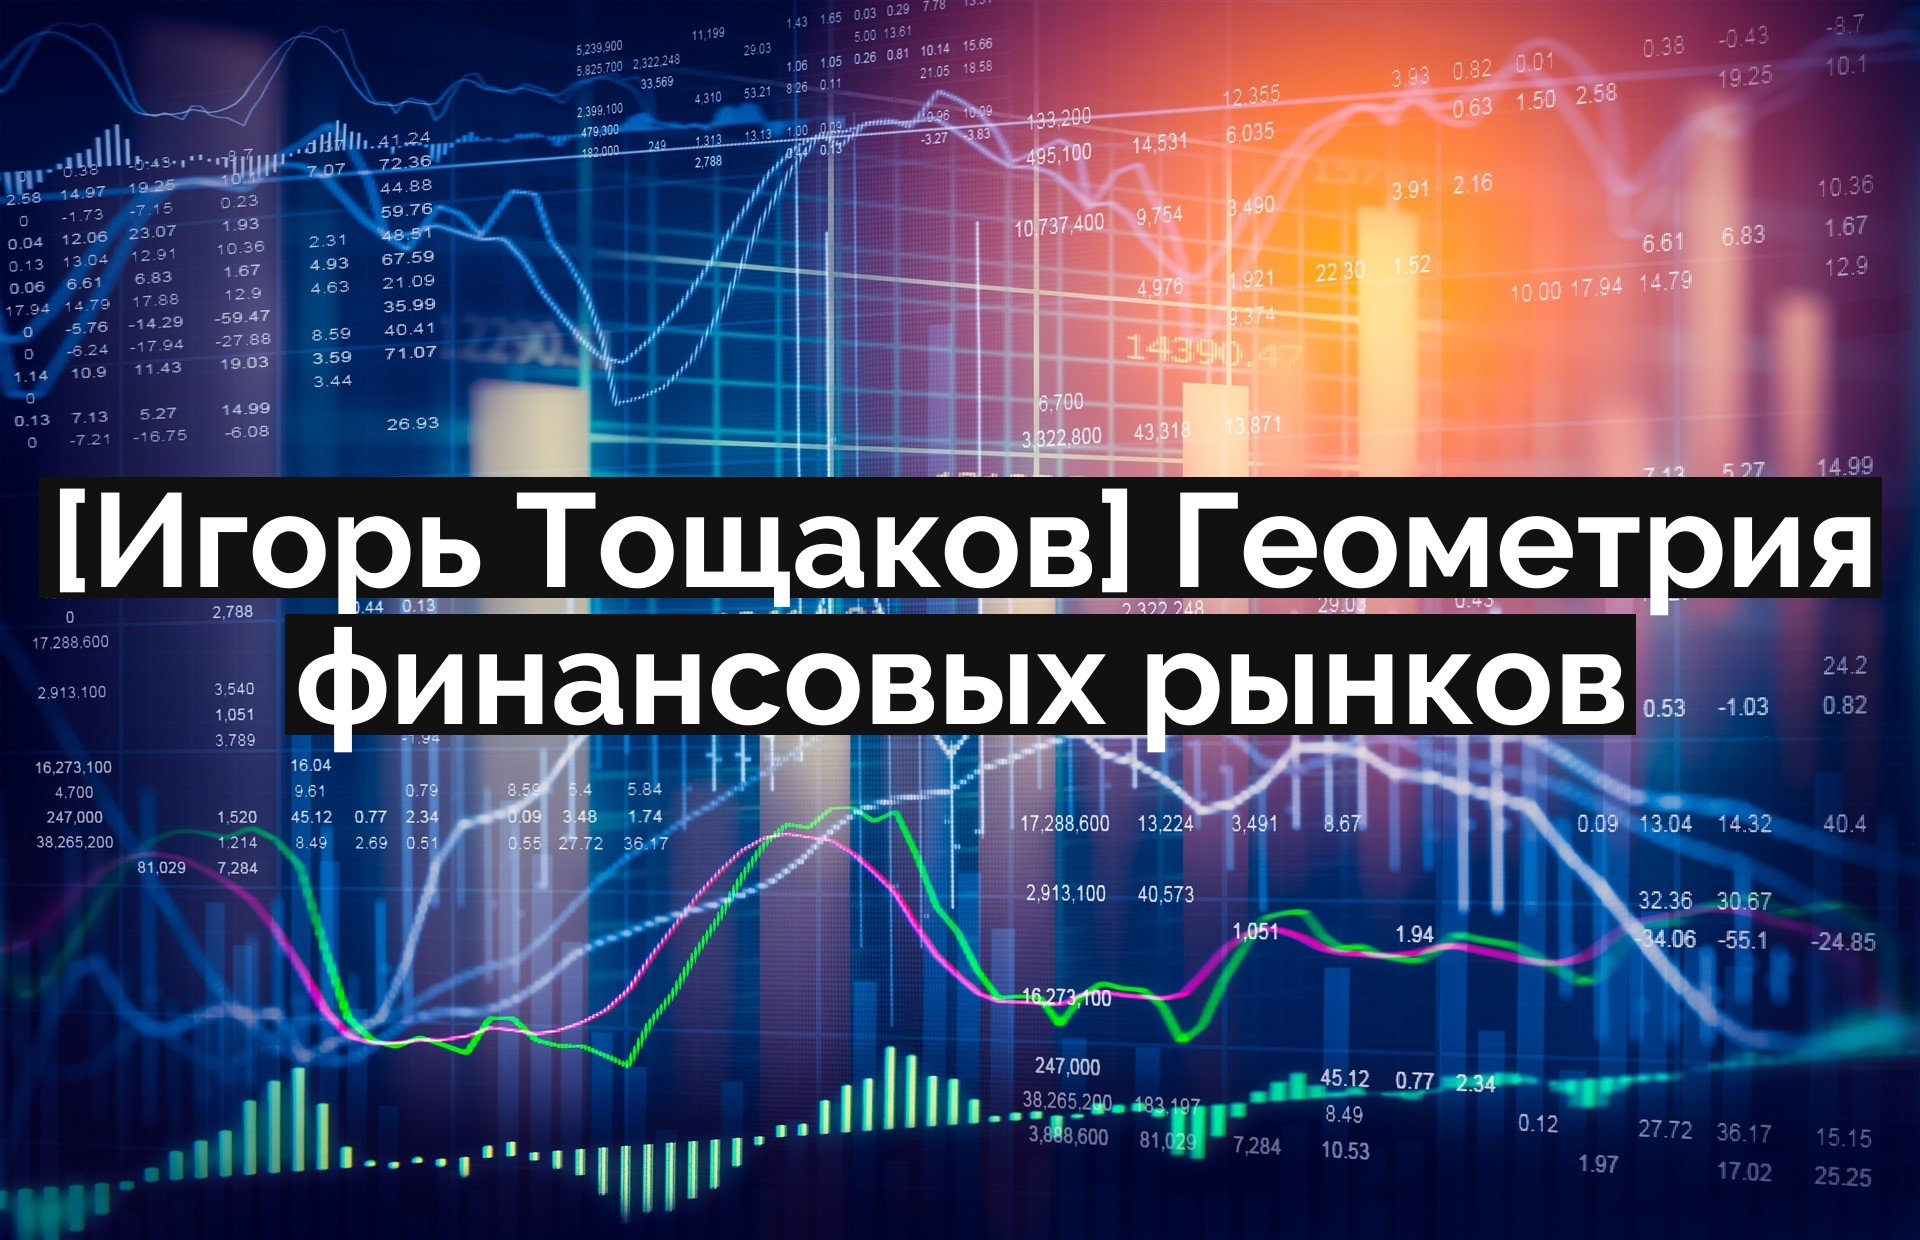 [Игорь Тощаков] Геометрия финансовых рынков